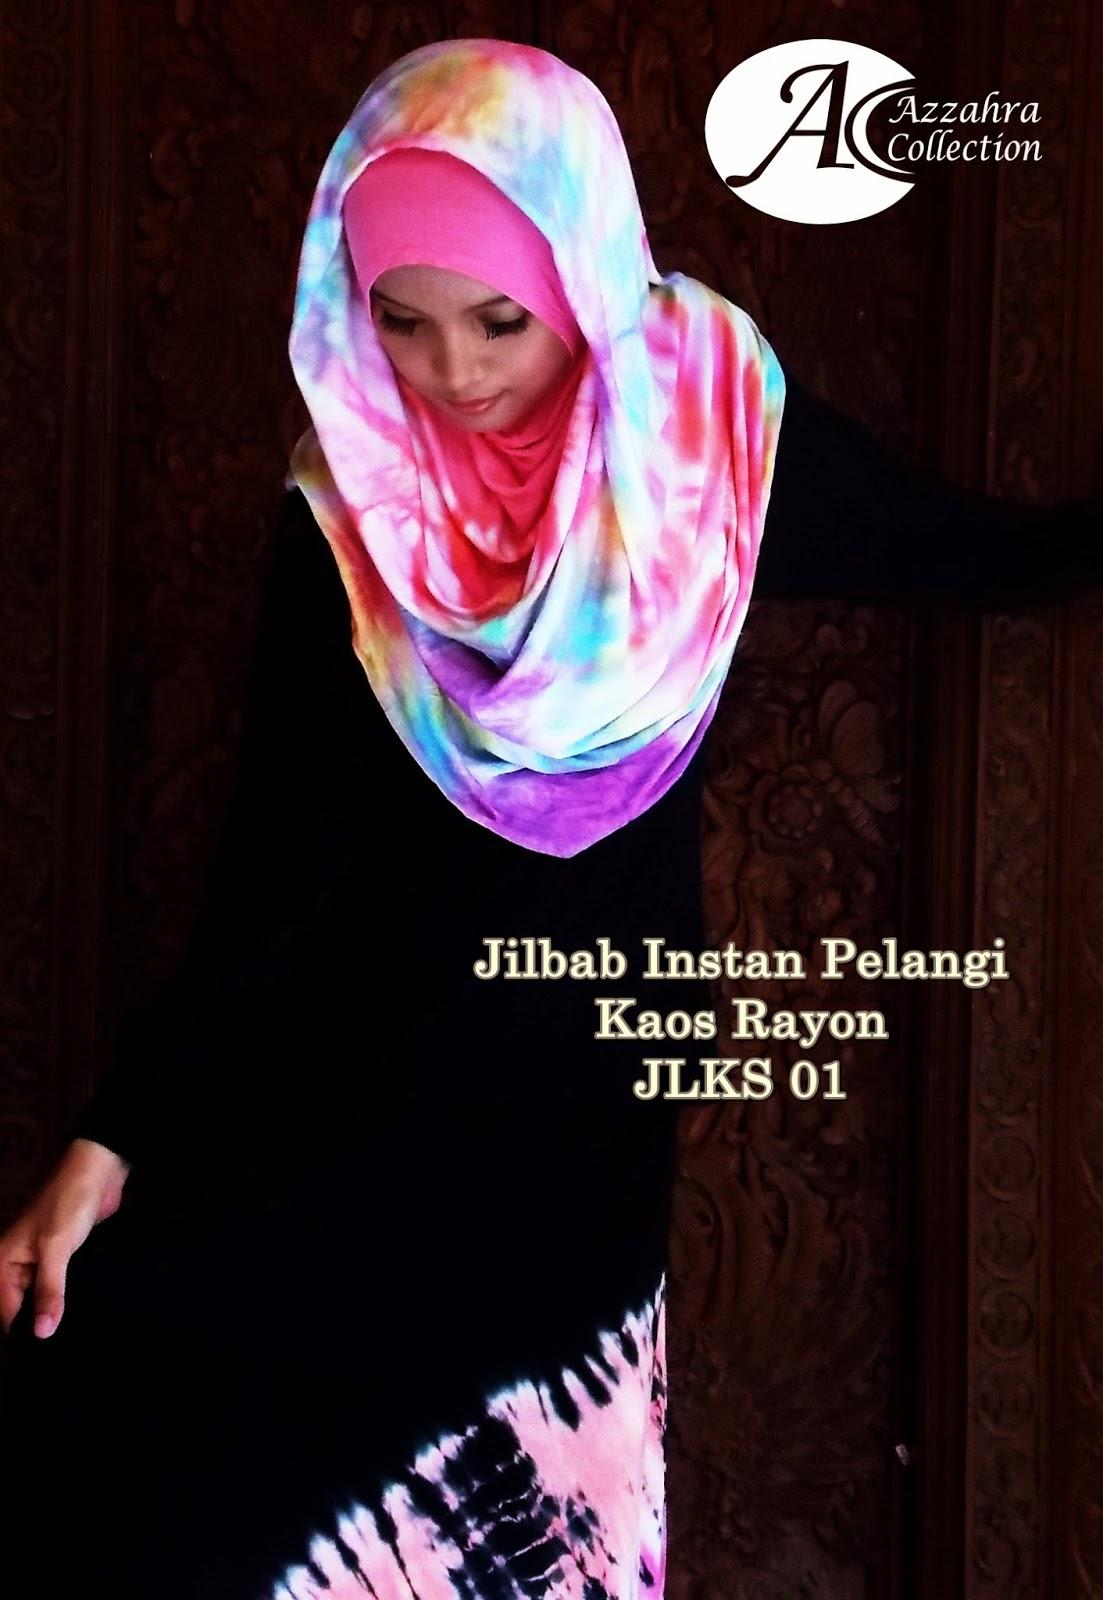 Jilbab Instan terkini